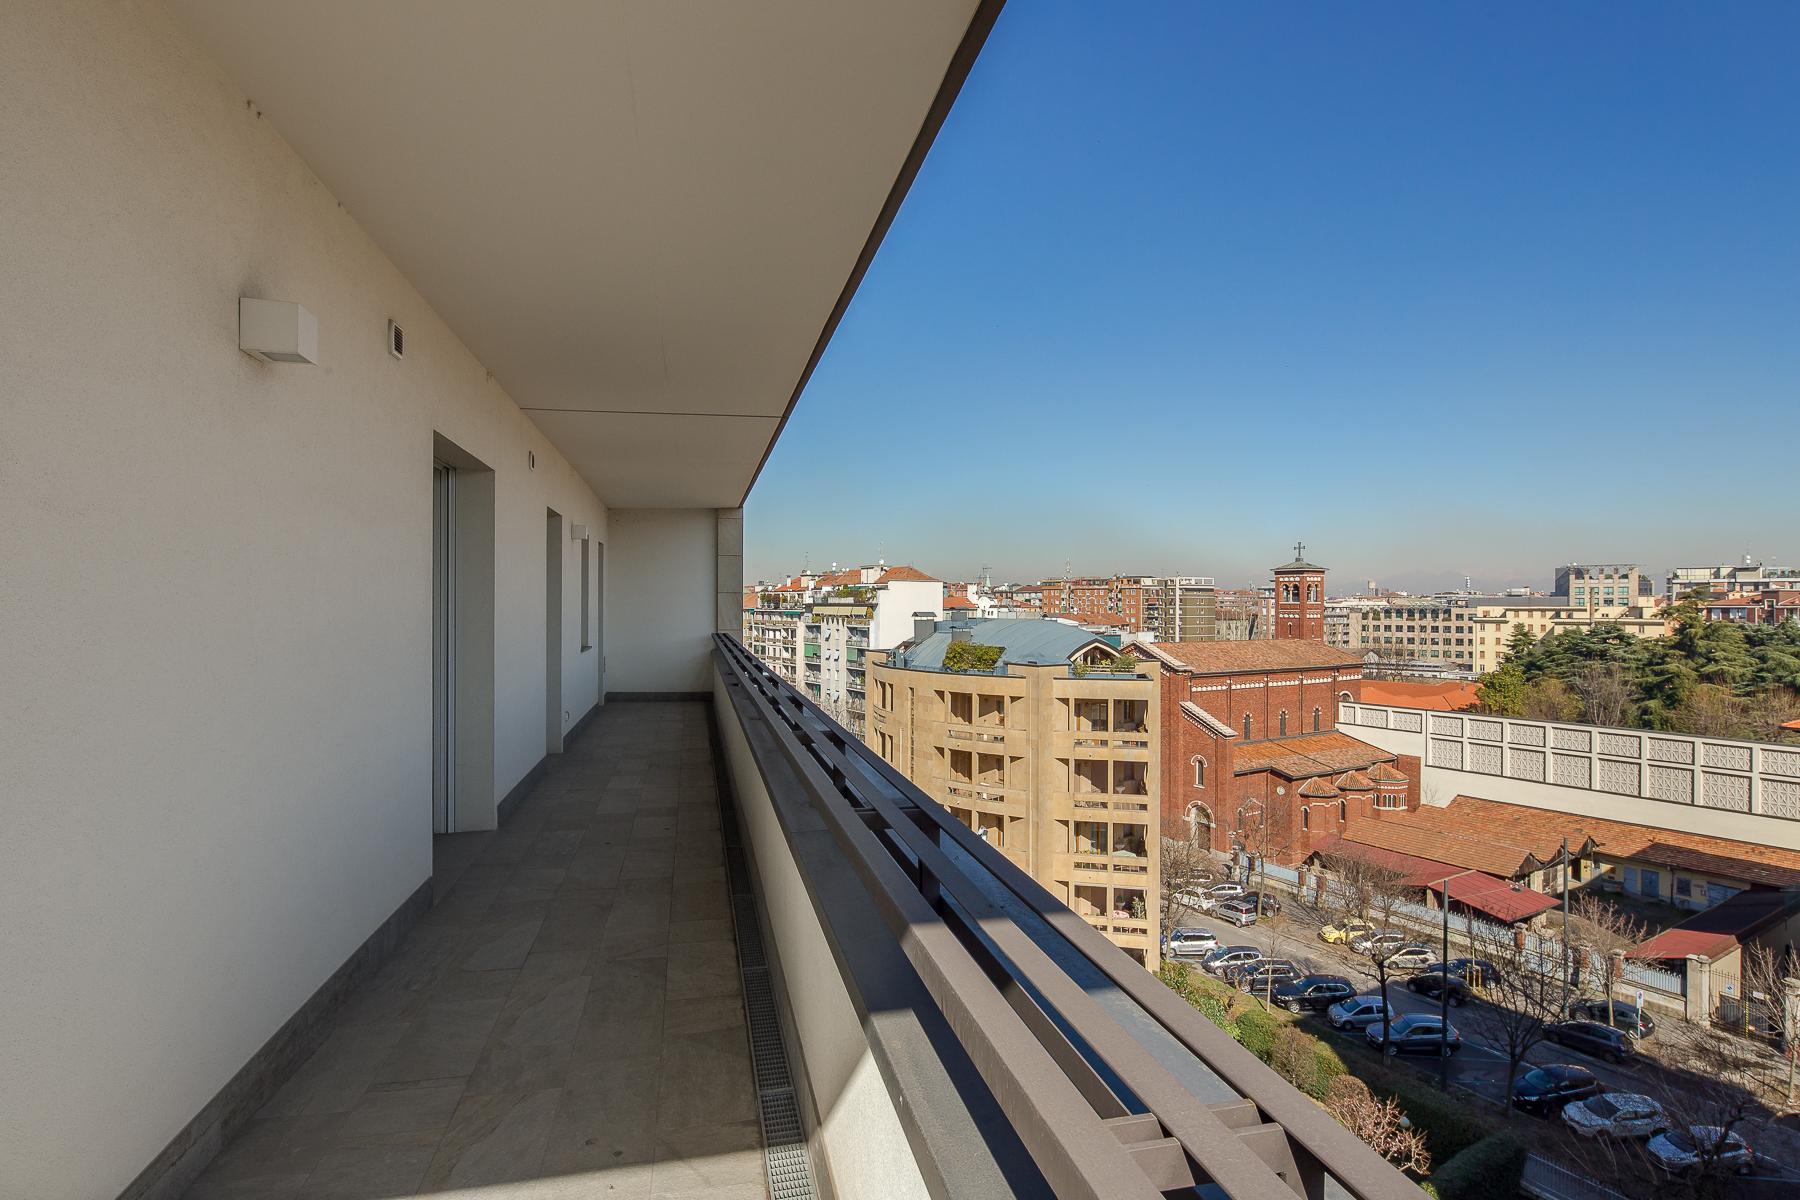 Attico in Vendita a Milano: 4 locali, 200 mq - Foto 27